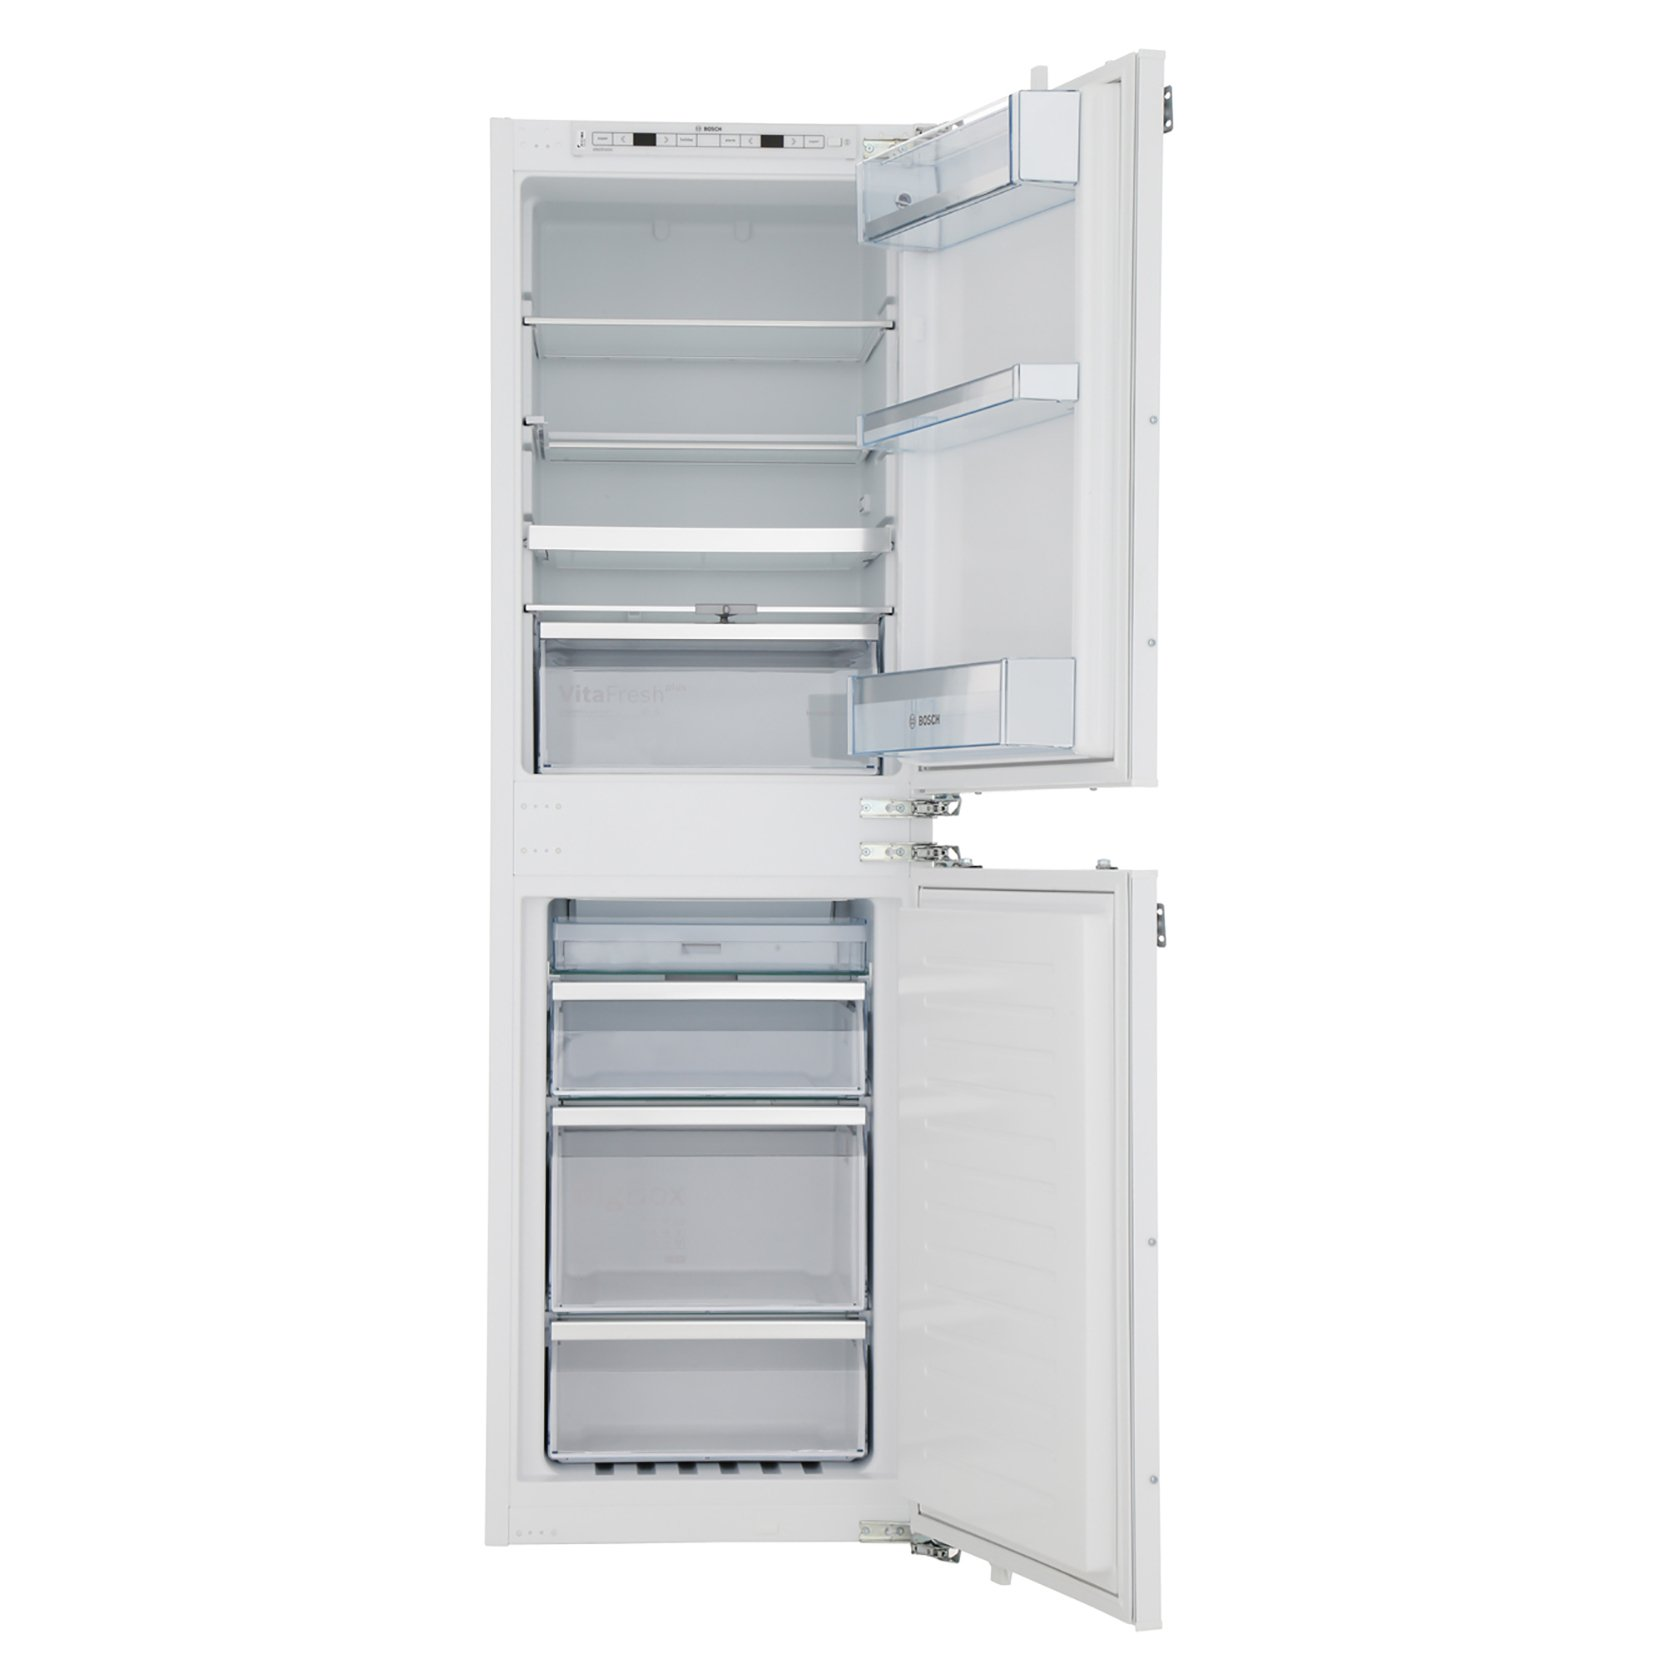 Bosch 50 50 integrated fridge freezer